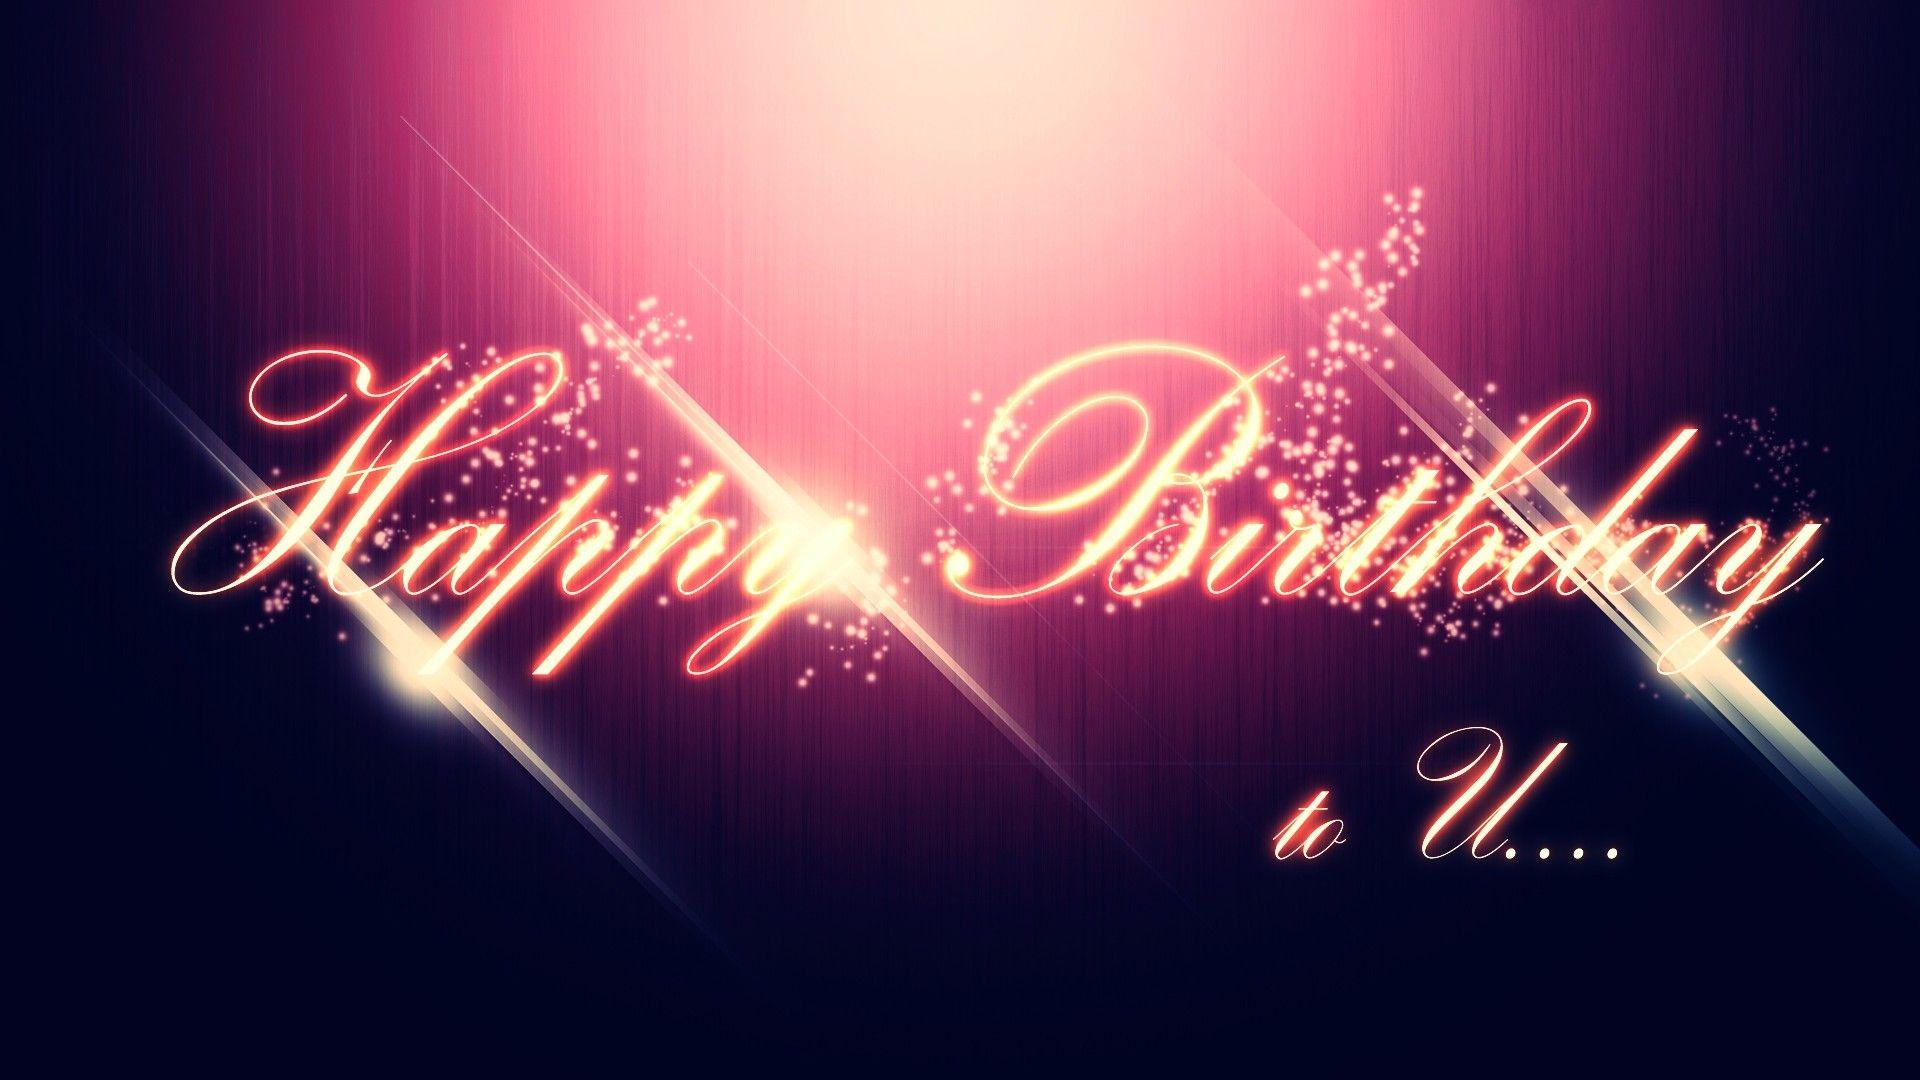 Happy Birthday Cake Whatsapp dp s Pics